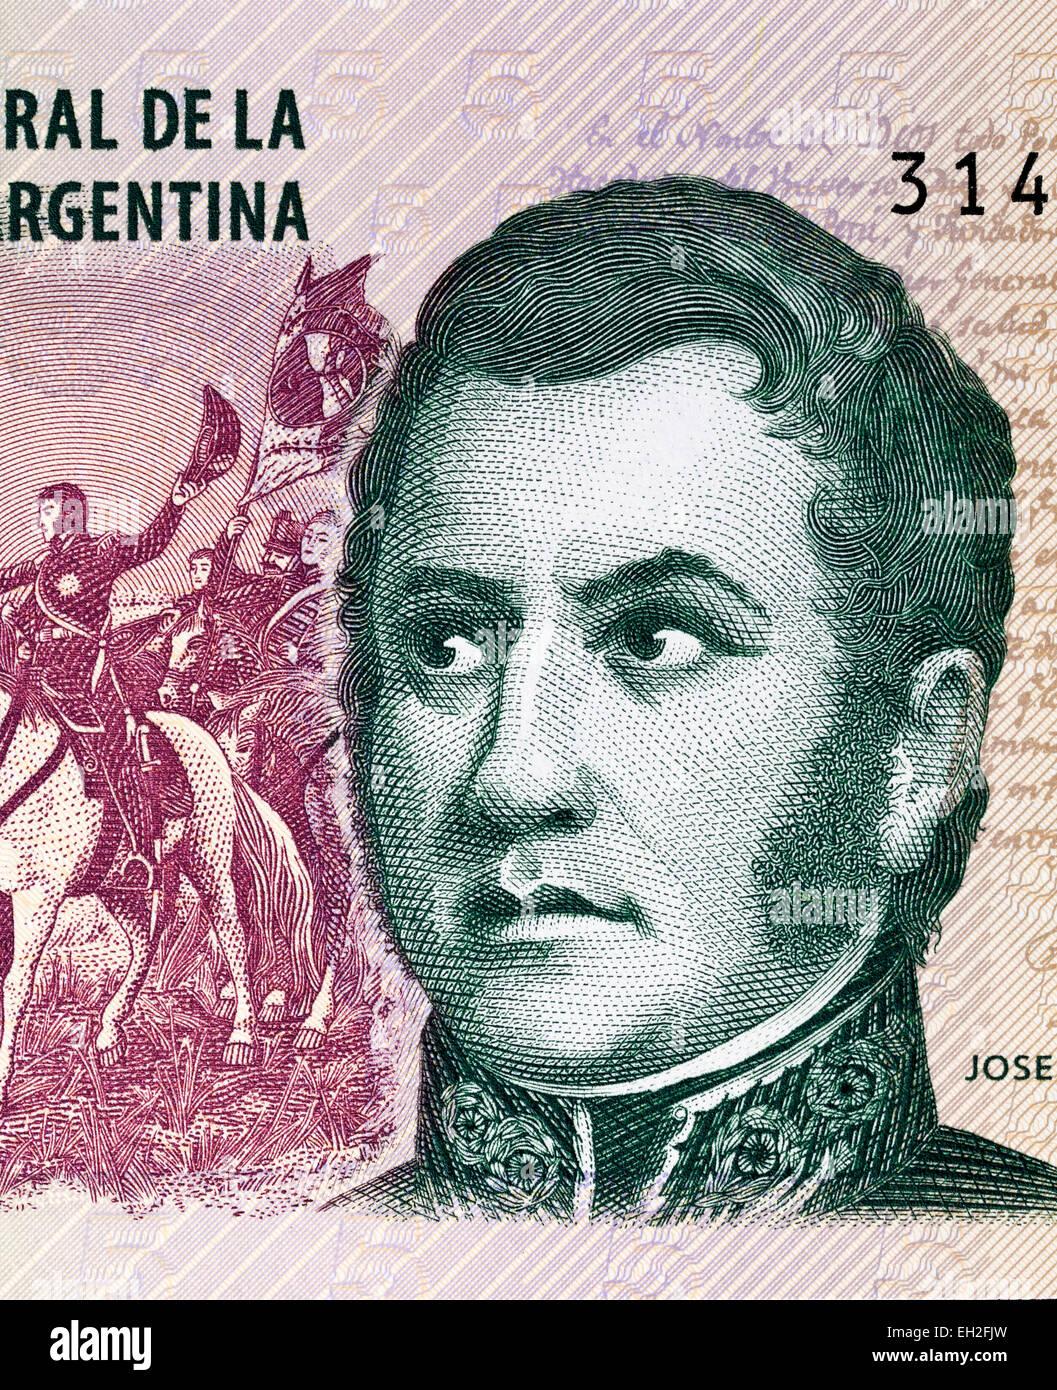 Jose de San Martin from 5 pesos banknote, Argentina, 2003 - Stock Image